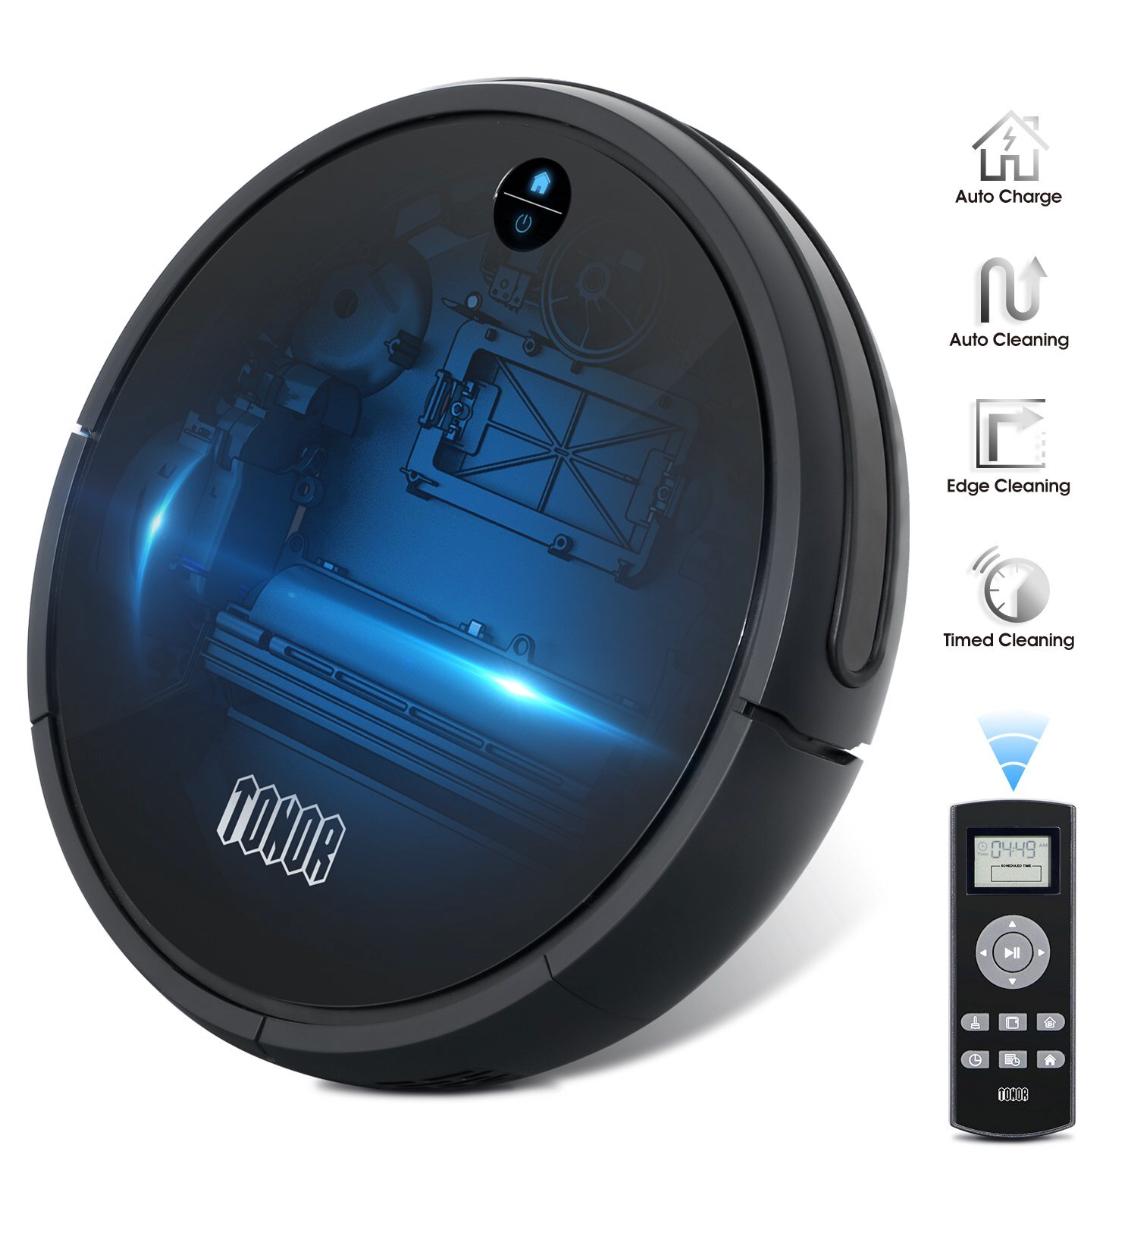 Robotic Vacuum Cleaner w/ Control $159.99 @ Amazon + FS